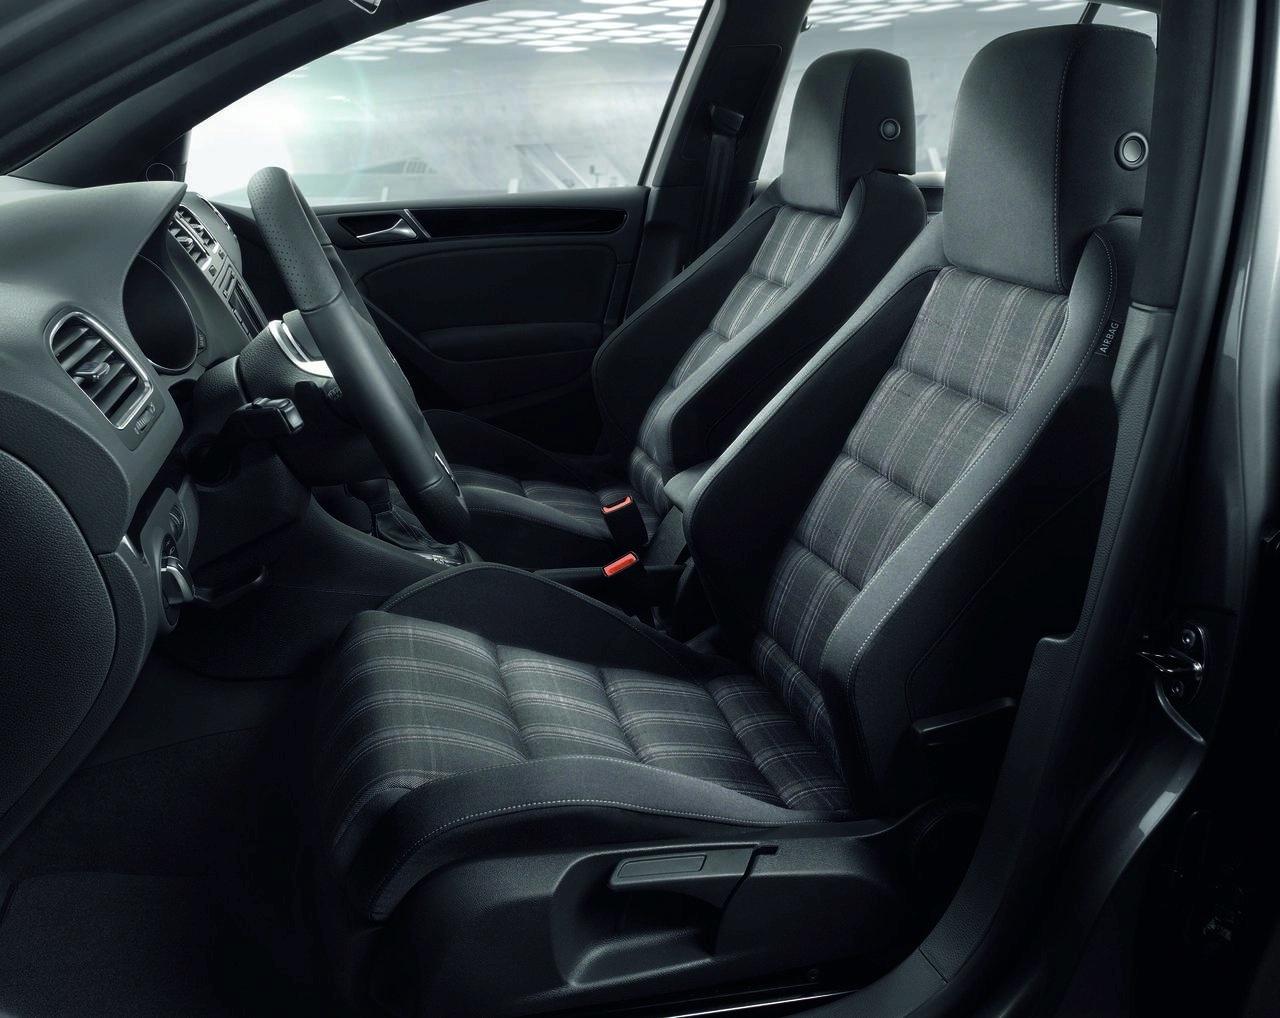 latest car photos 2009 volkswagen golf vi gtd price uk. Black Bedroom Furniture Sets. Home Design Ideas